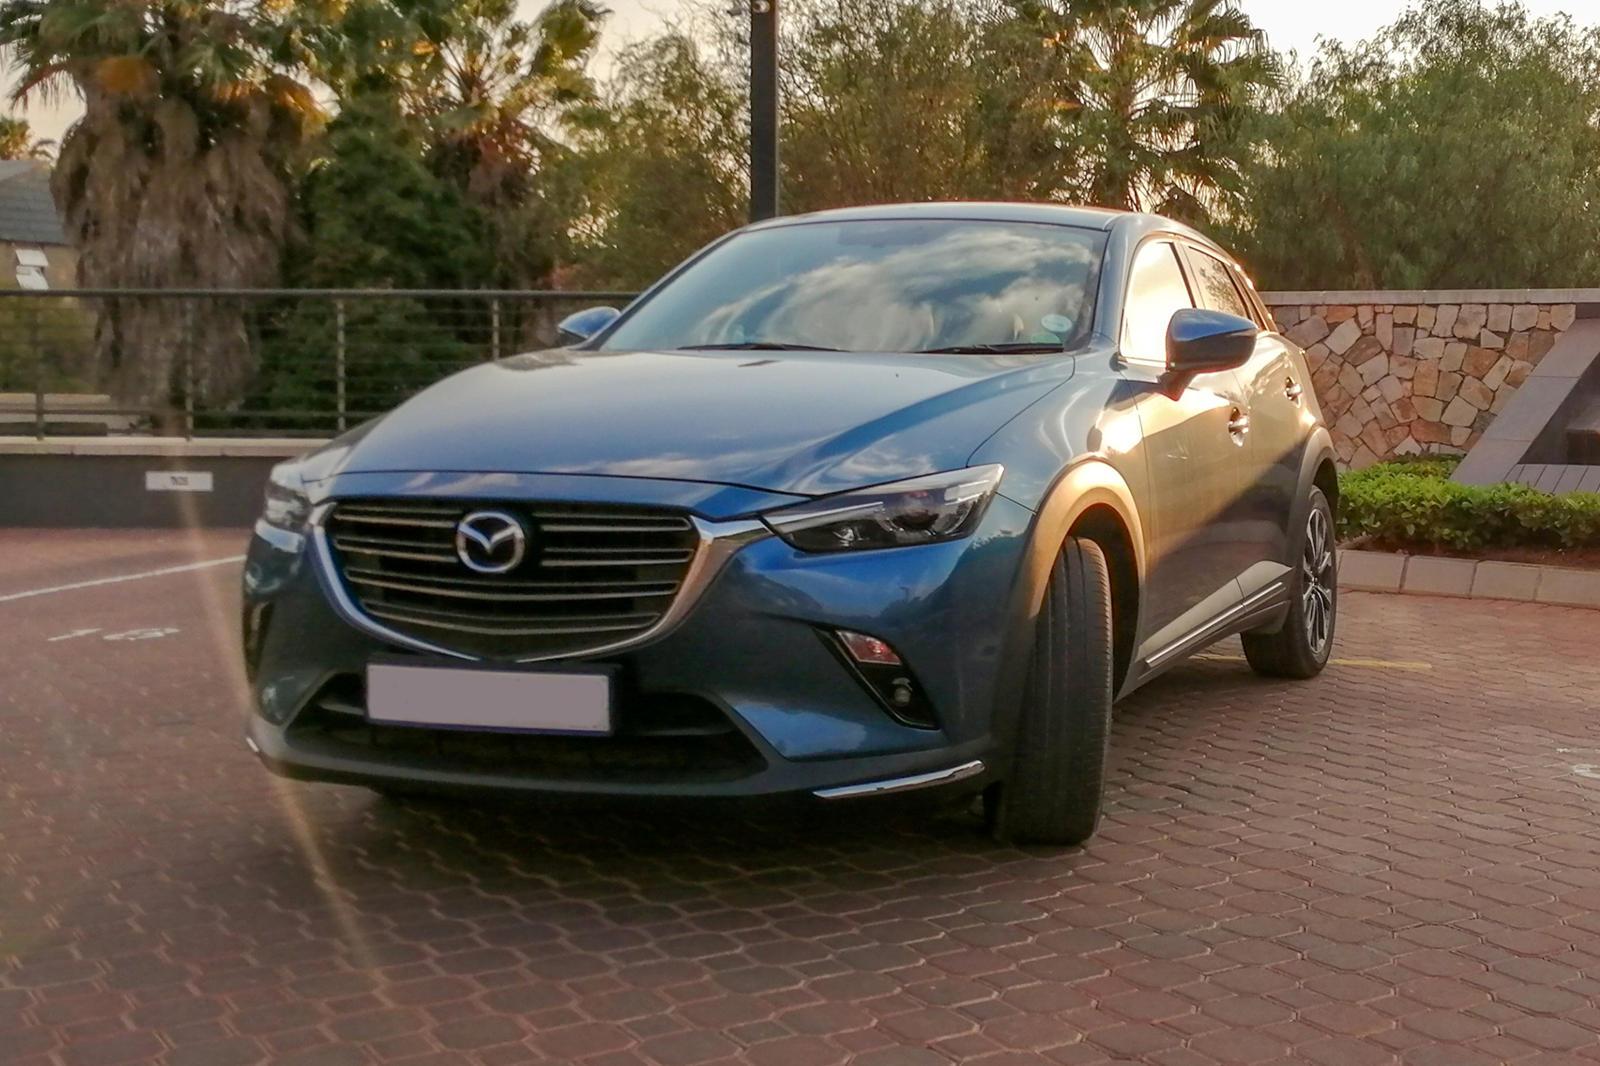 Kelebihan Mazda Cx 3 2020 Perbandingan Harga